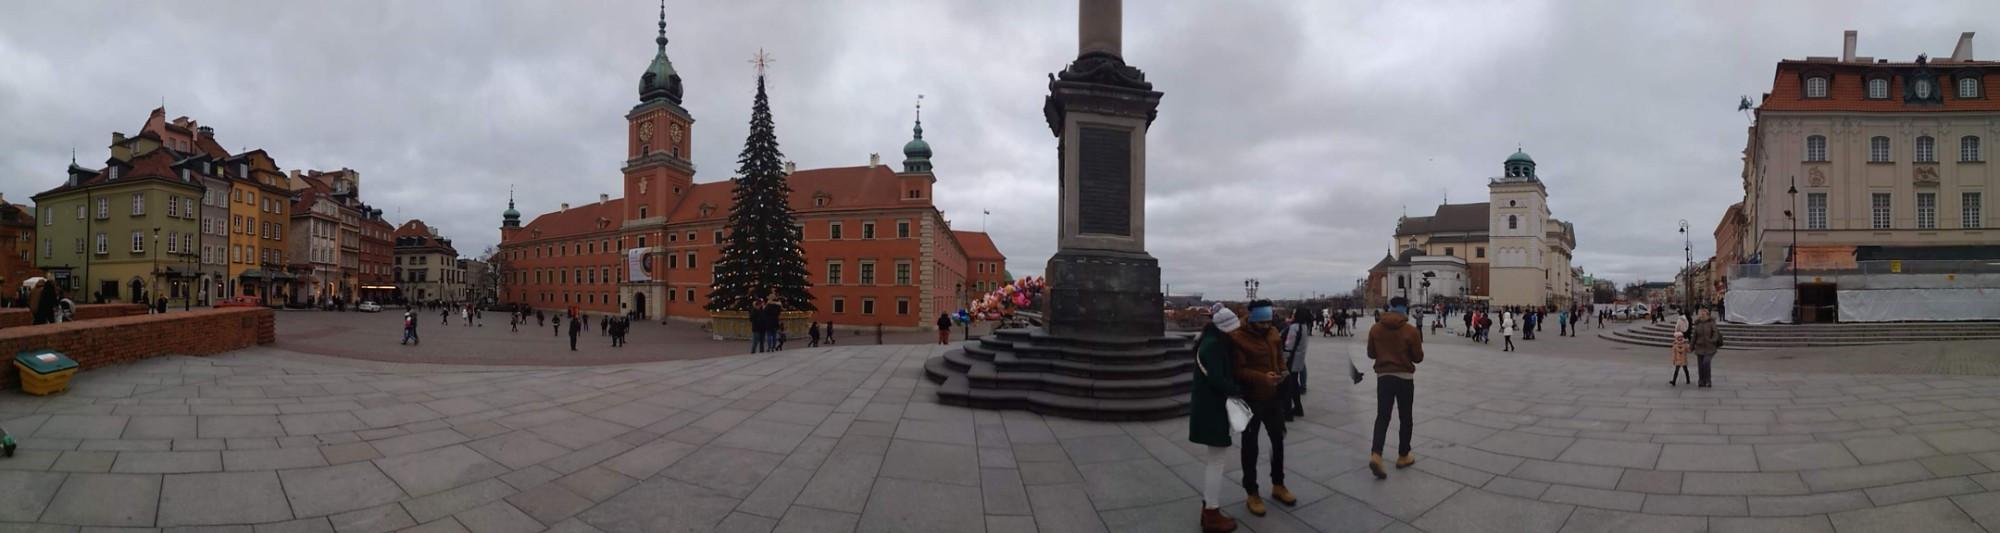 Панорама Замковой площади. Январь 2020 г.